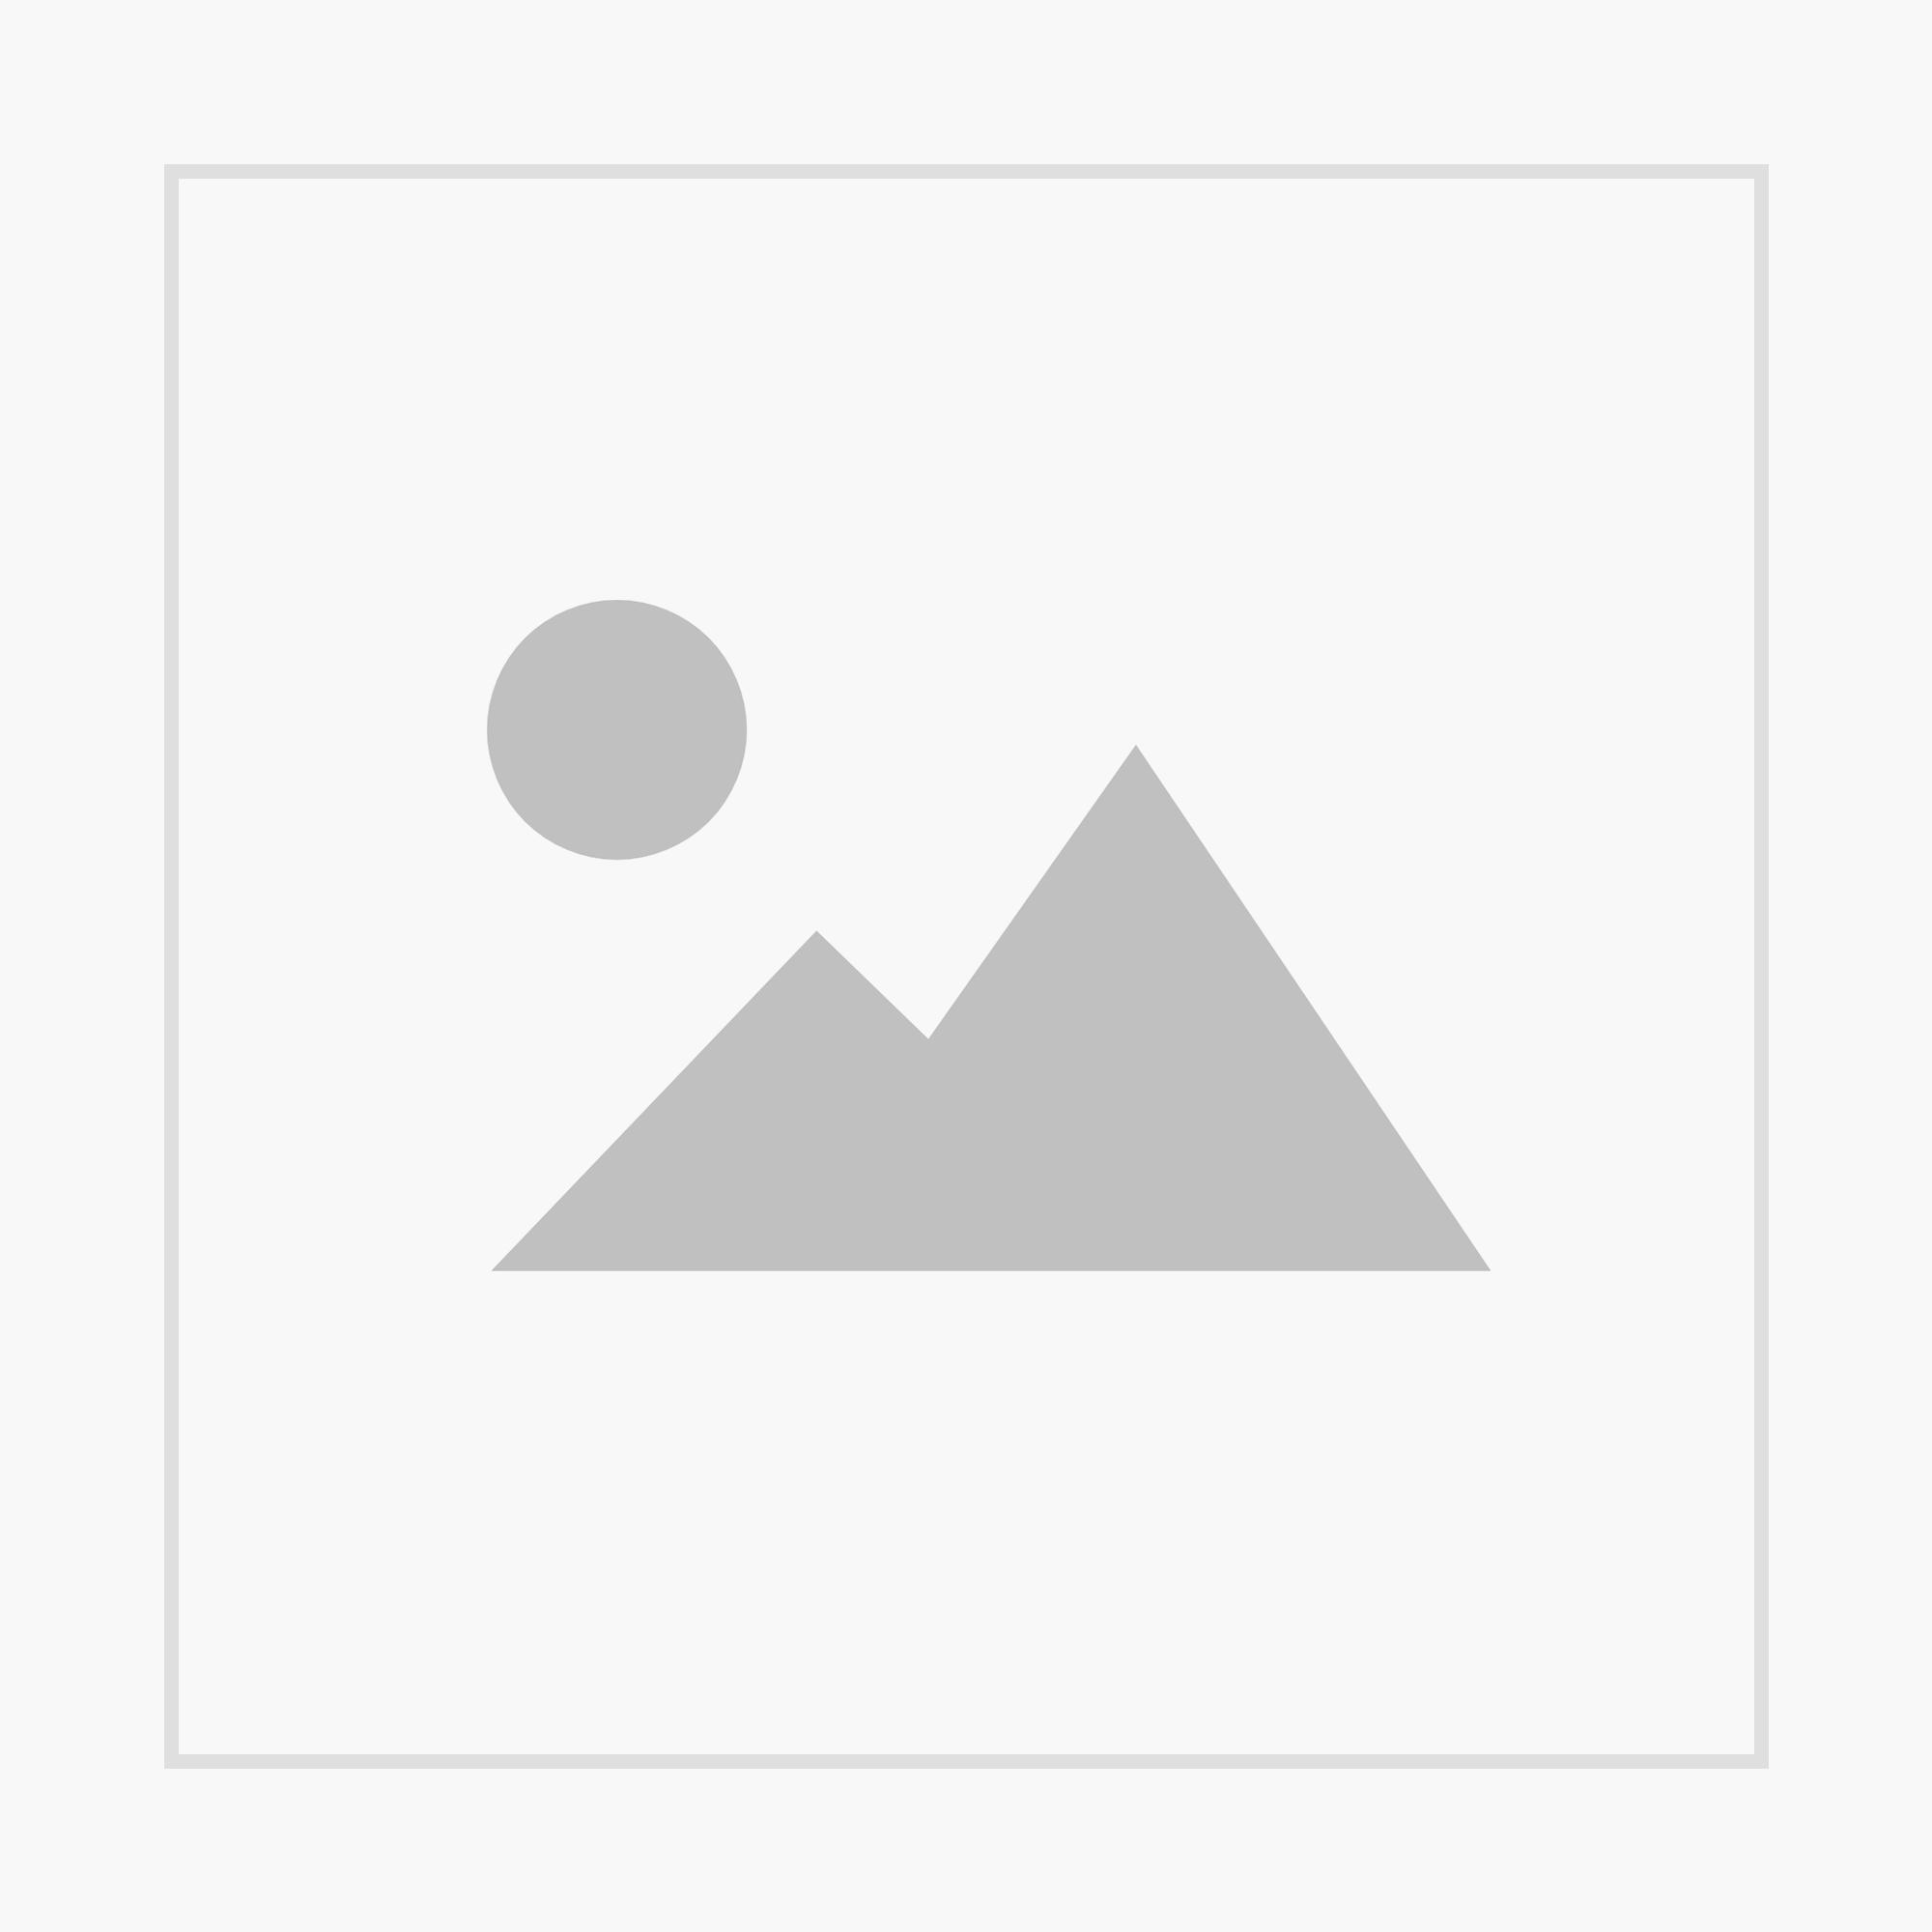 NaBiV Heft 13: Agrarumweltprogramme und Vertragsnaturschutz weiter entwickeln